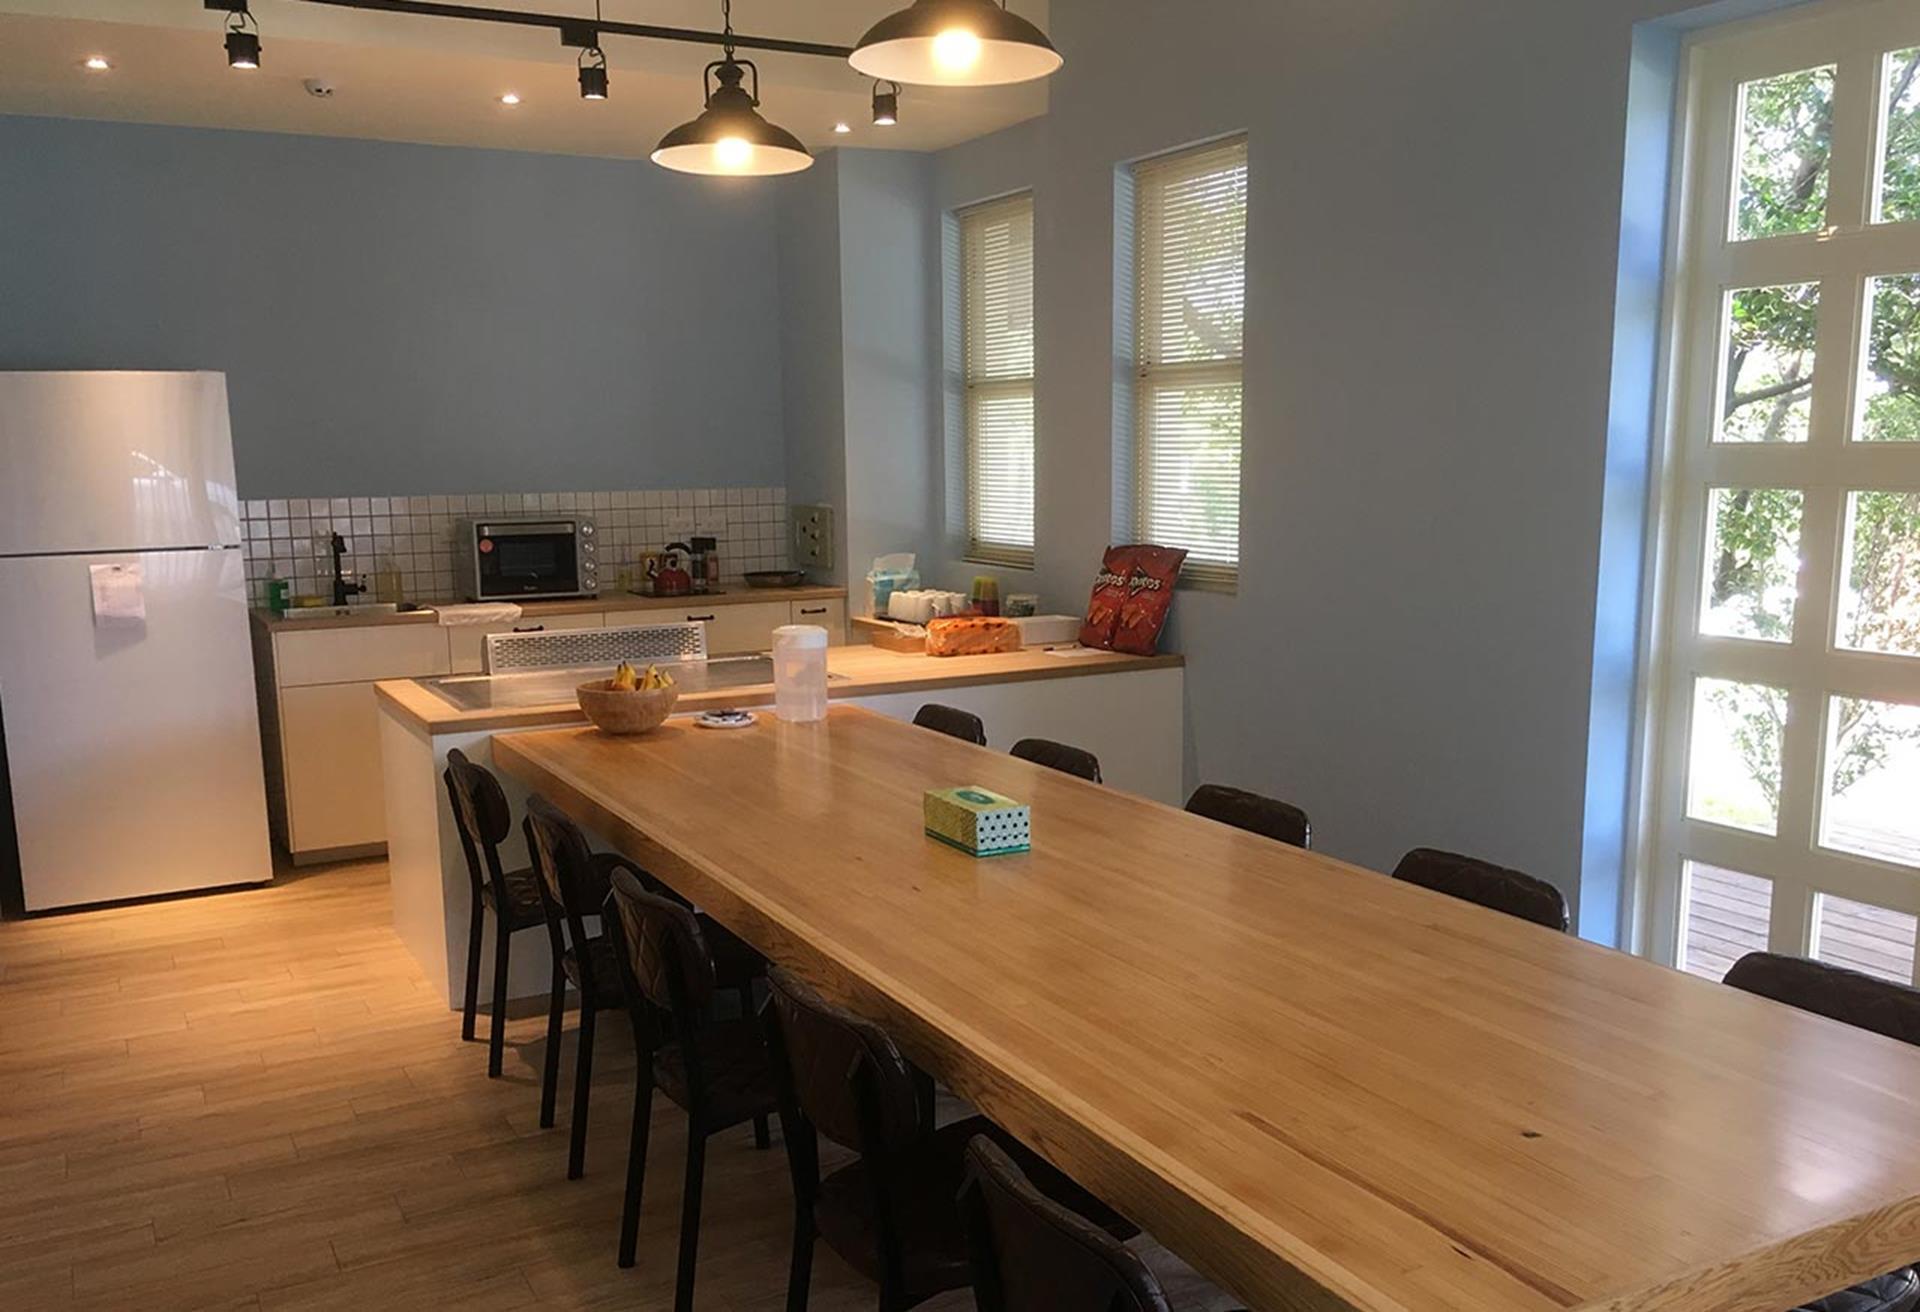 台北親子飯店推薦 - 陽明山美國渡假村備有8人長餐桌及可簡易料理的廚房